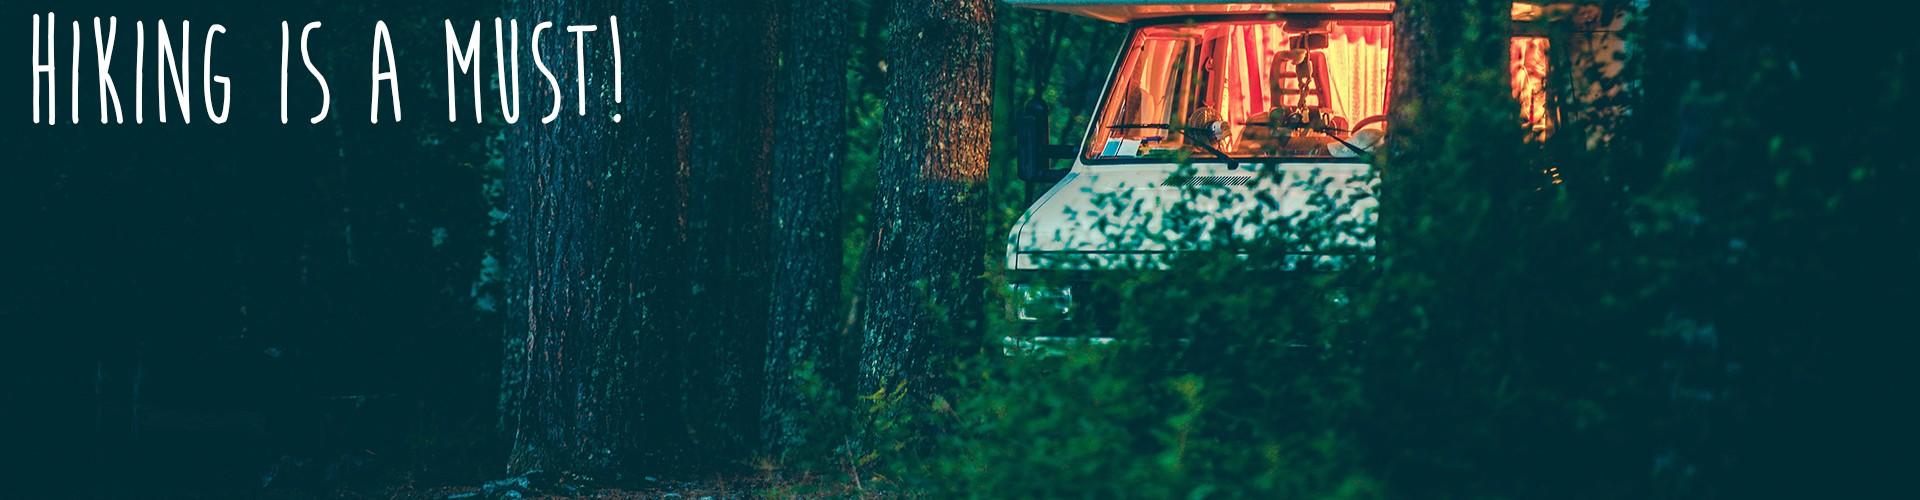 Norway Lake Campground